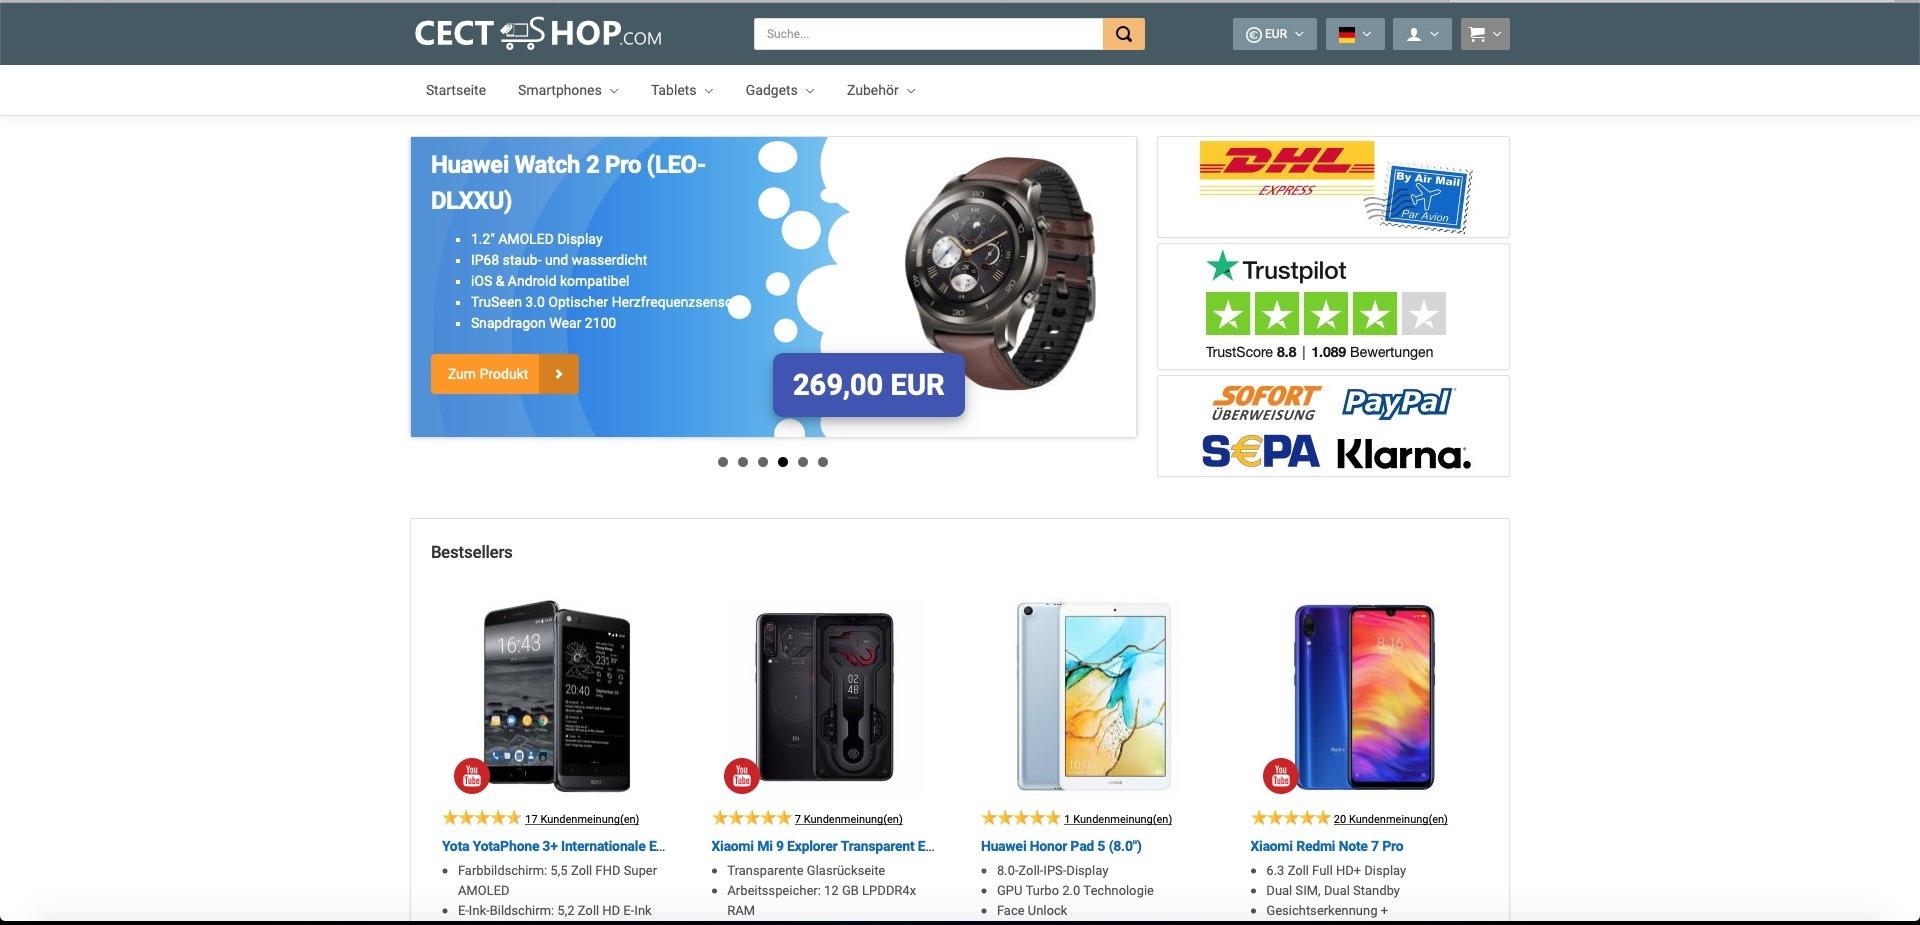 Bildschirmfoto von cect-shop.com